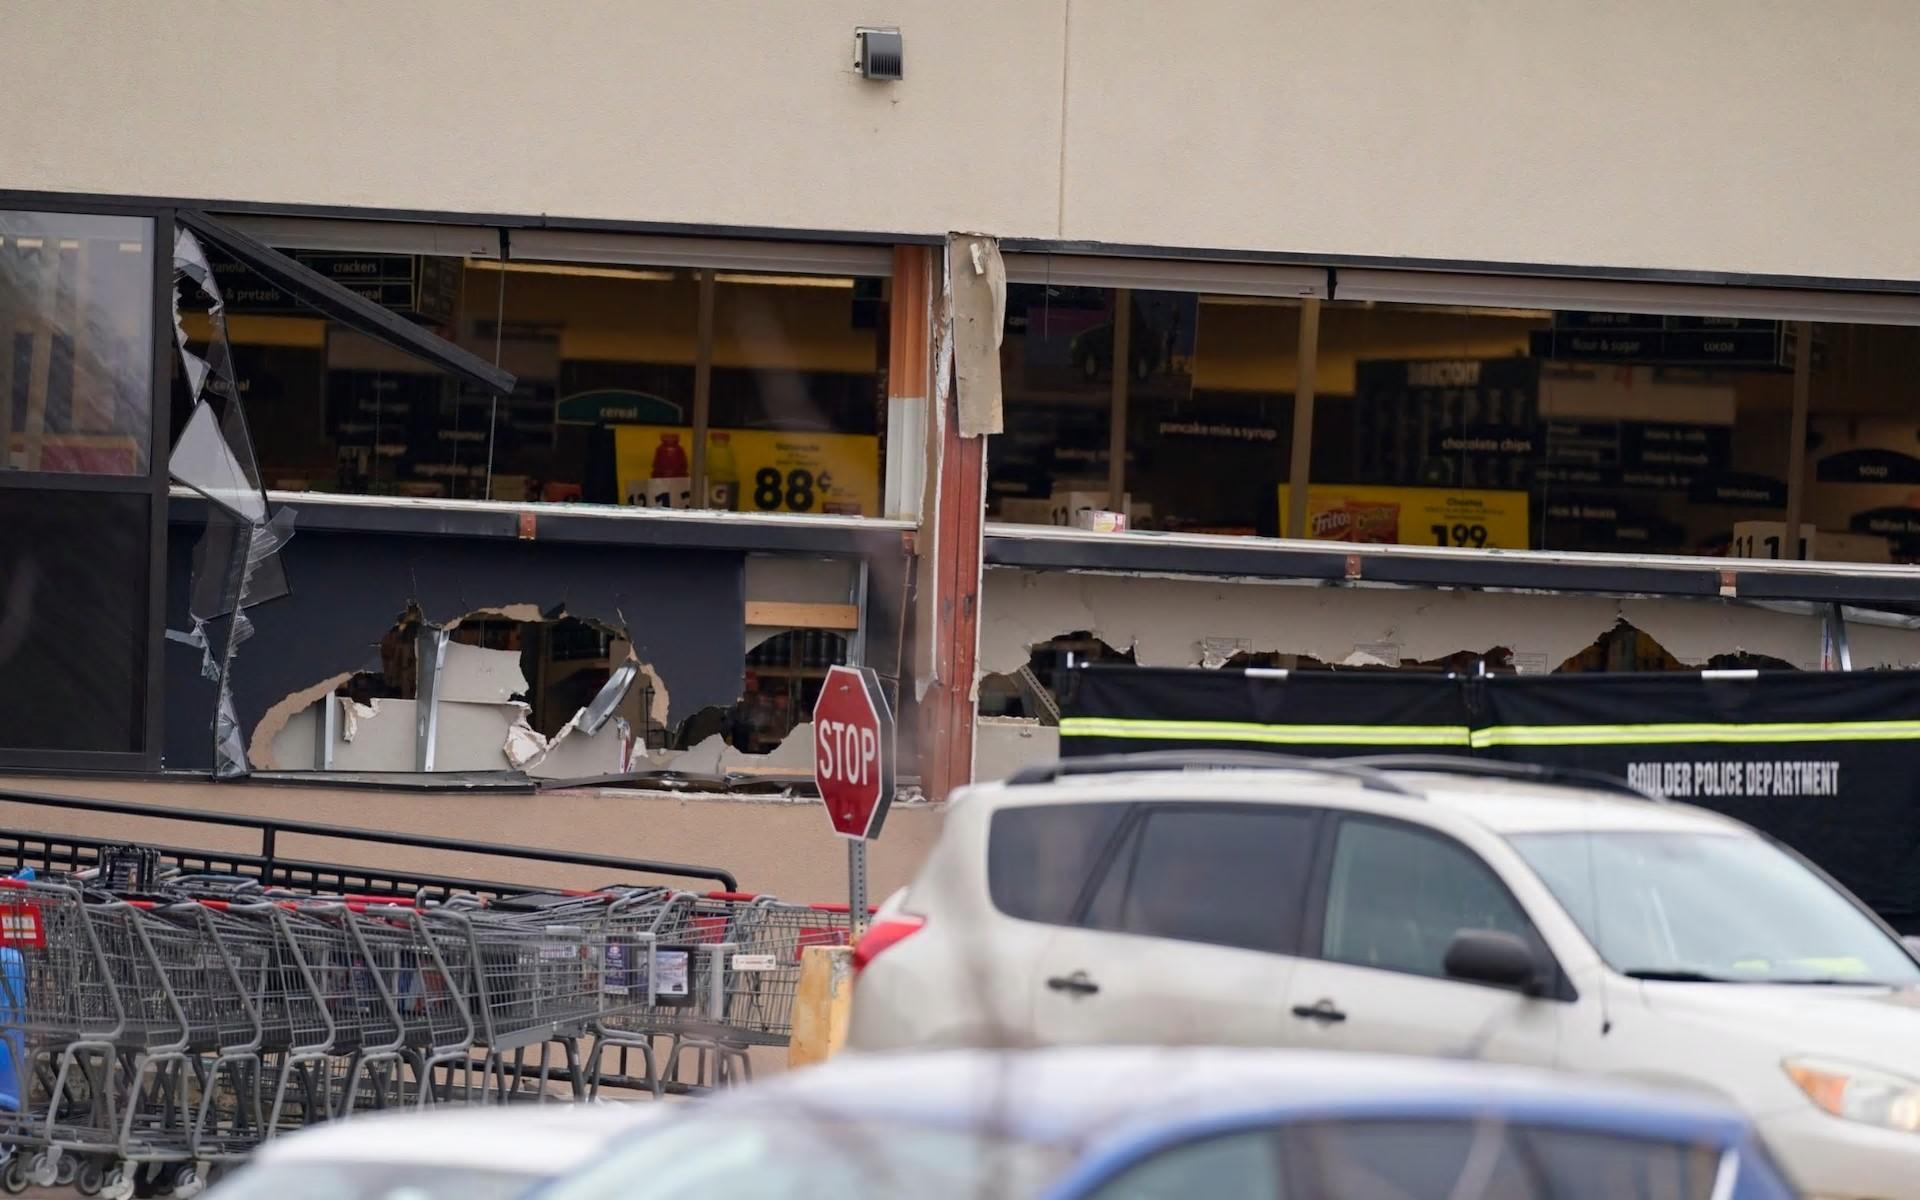 停在建筑物侧面的汽车:商店外面的窗户损坏-AP